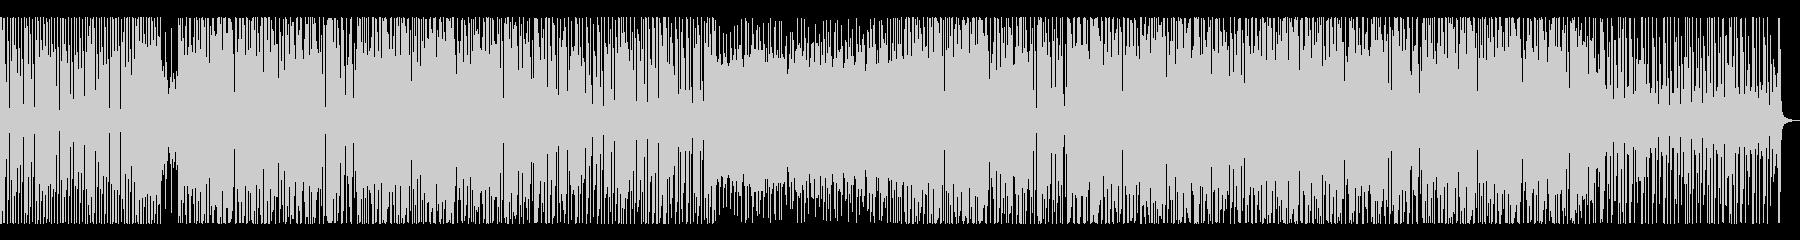 ベースムーンバートン風ダンスミュージックの未再生の波形